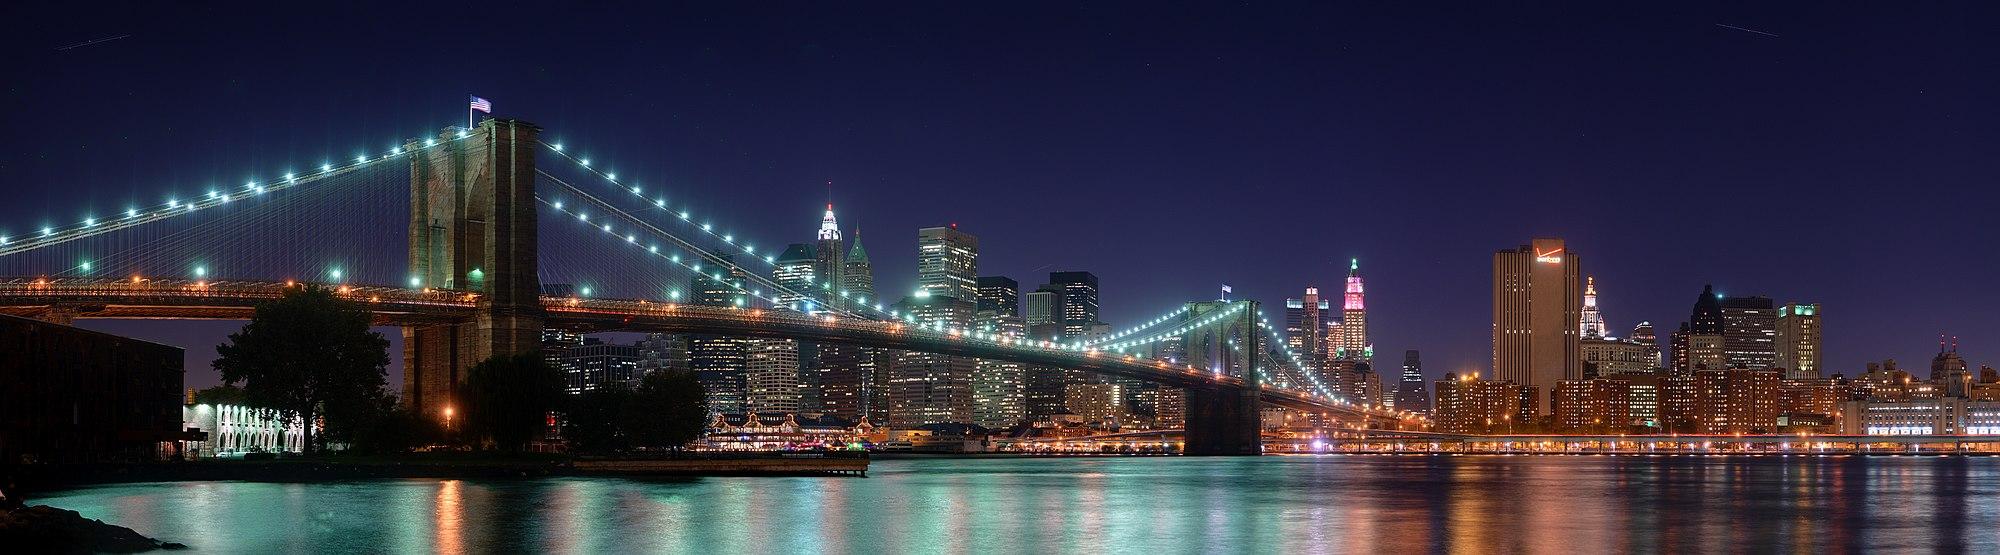 Pont de Brooklyn de nuit - Octobre 2008.jpg